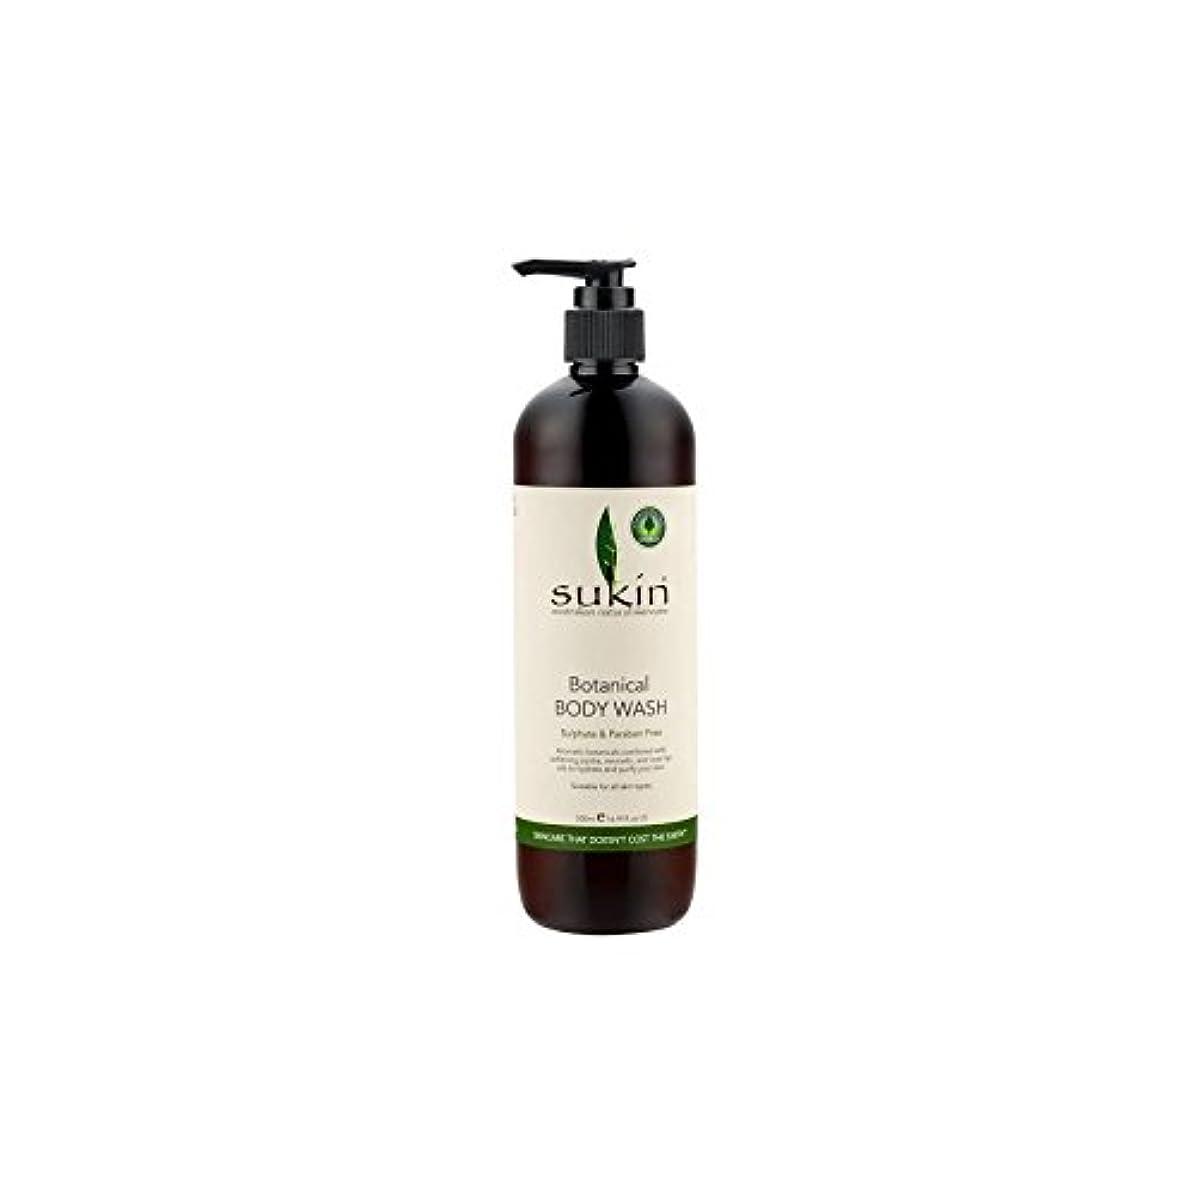 ジョージバーナード到着耐えるSukin Botanical Body Wash (500ml) - 植物ボディウォッシュ(500ミリリットル) [並行輸入品]